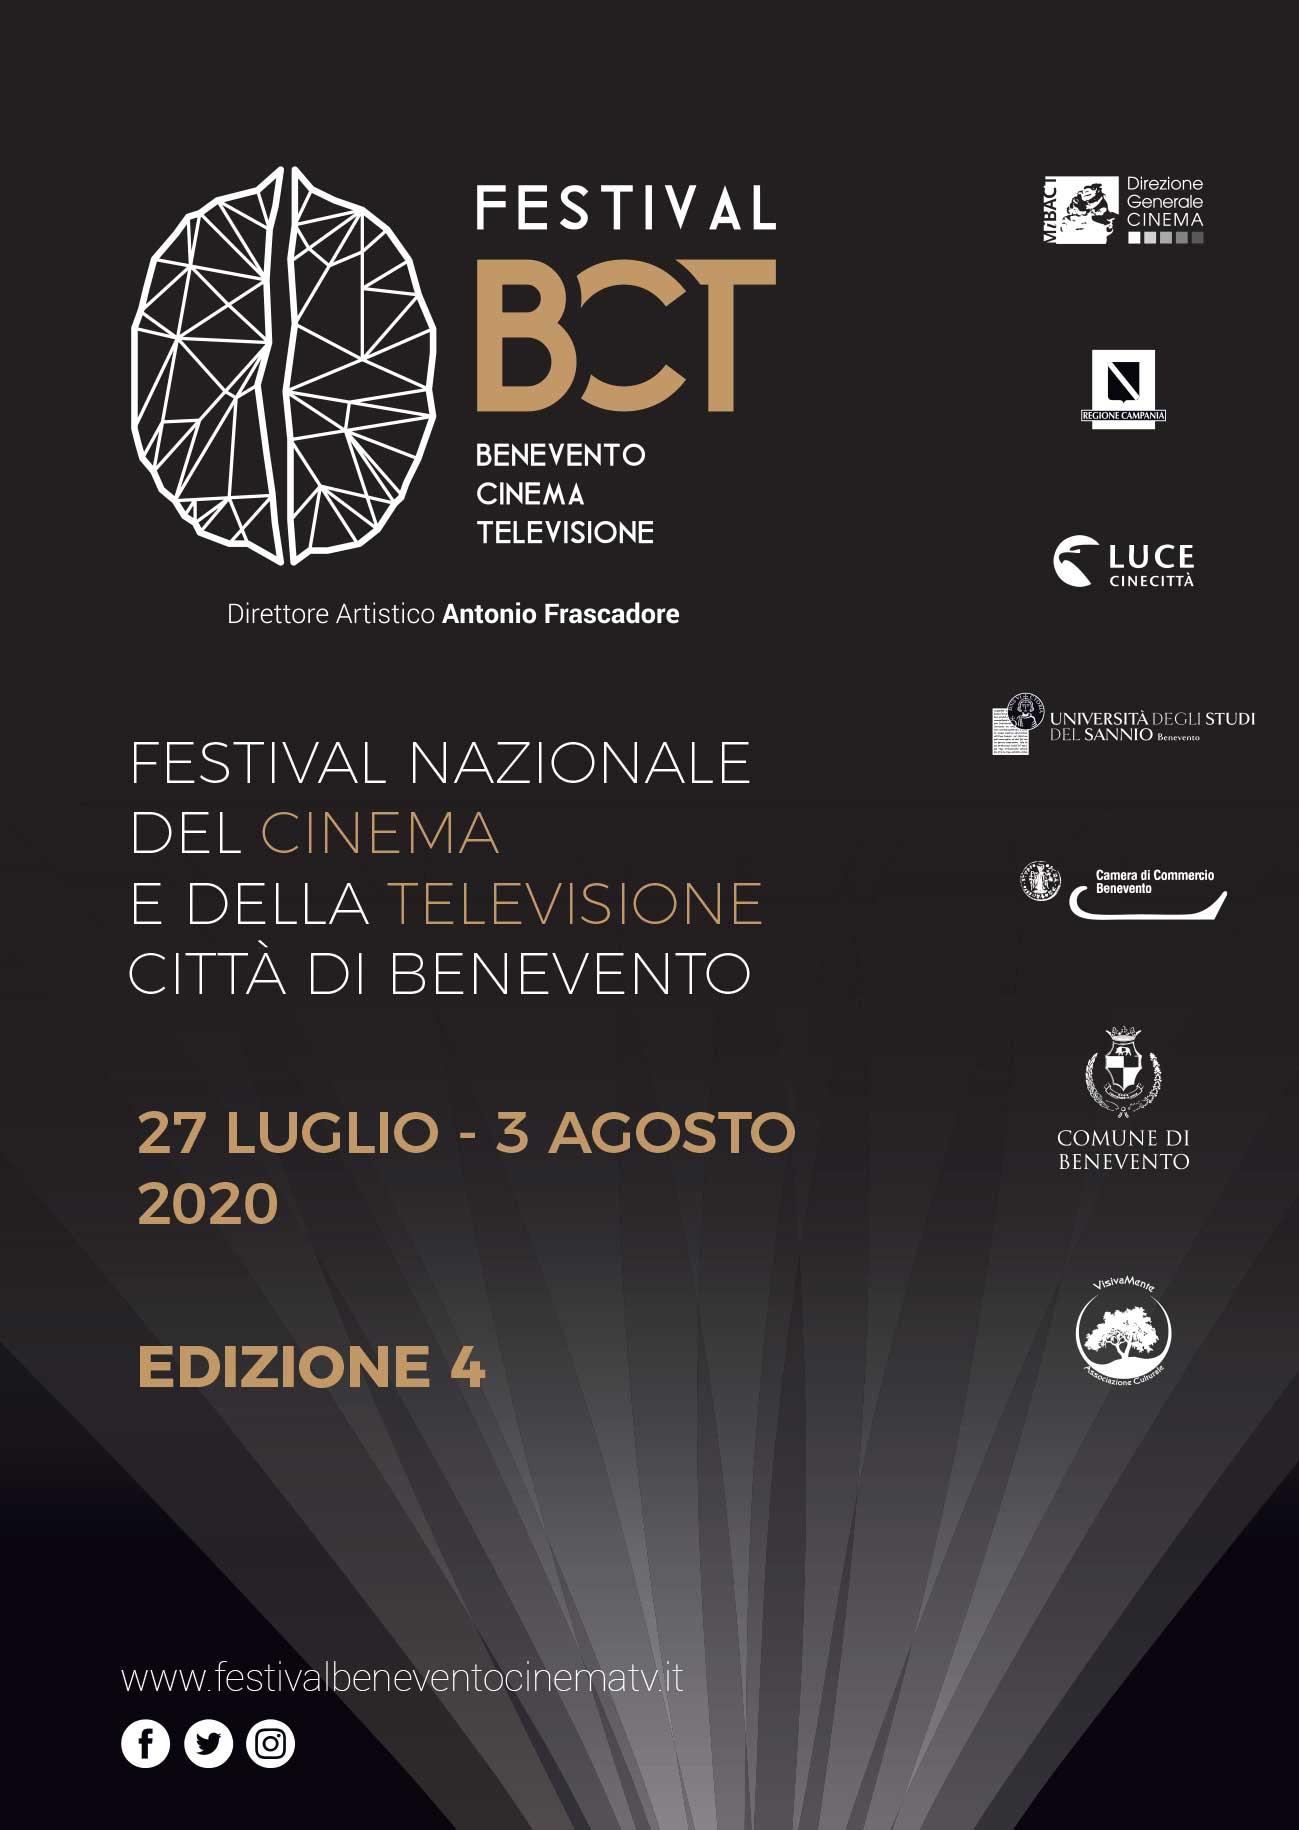 BCT Festival 2020